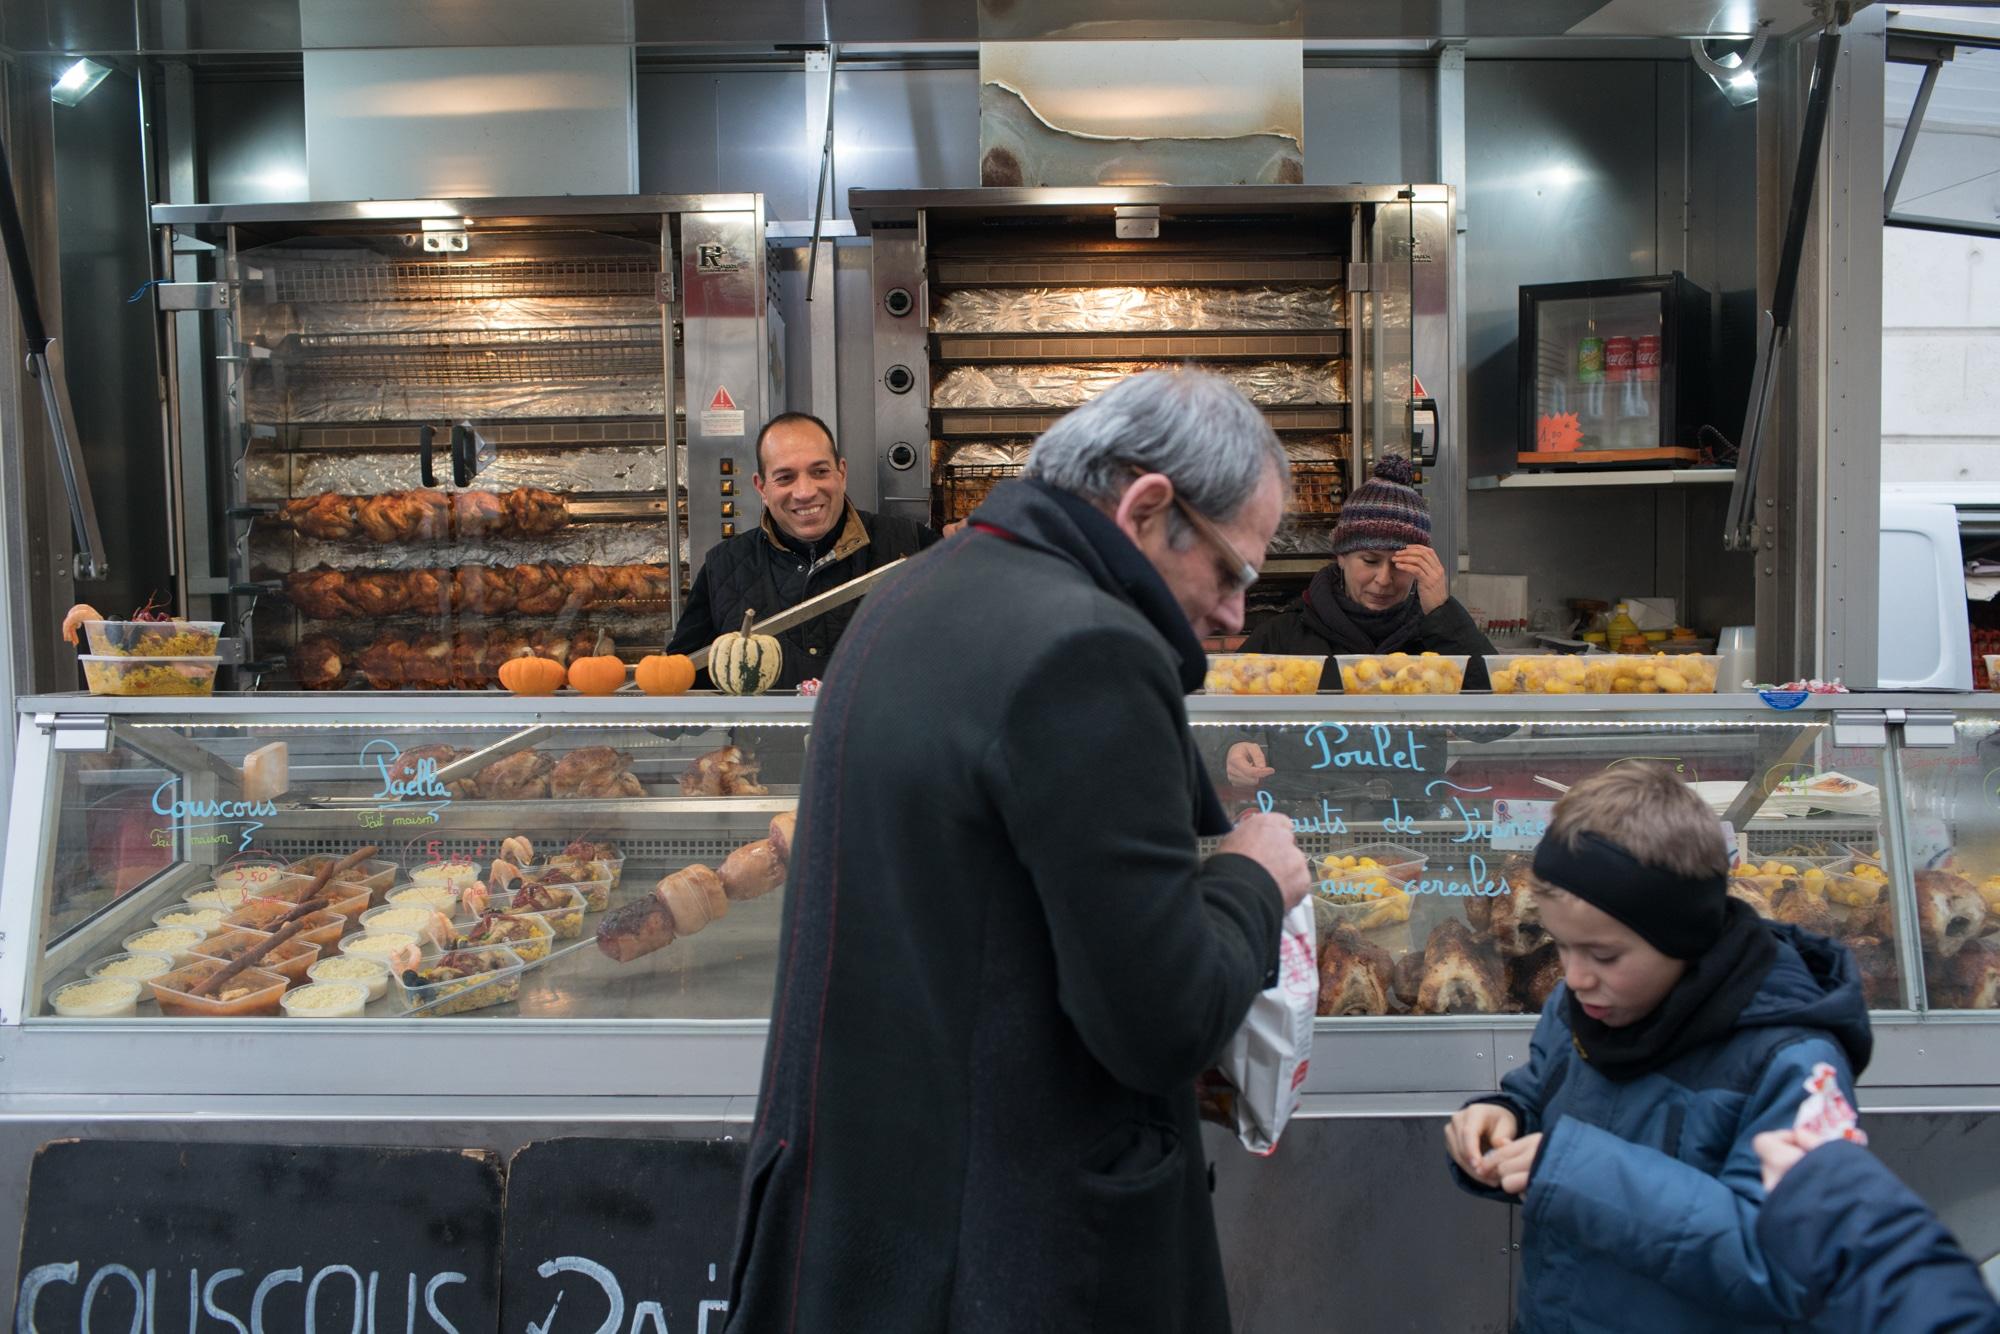 Alain, souriant, observe une homme et un enfant discuter autour d'un poulet rôti.